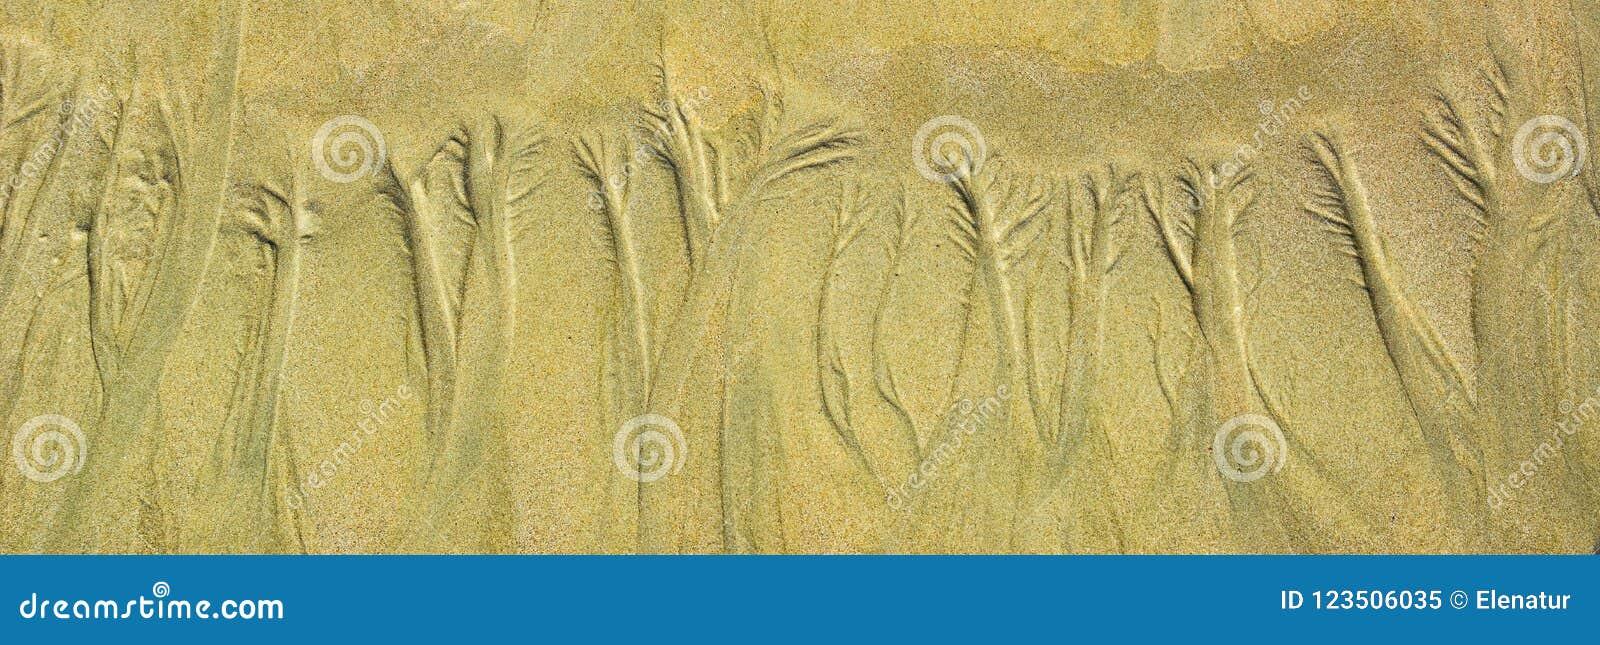 Естественный цветочный узор песка на плоском песчаном пляже во время малой воды